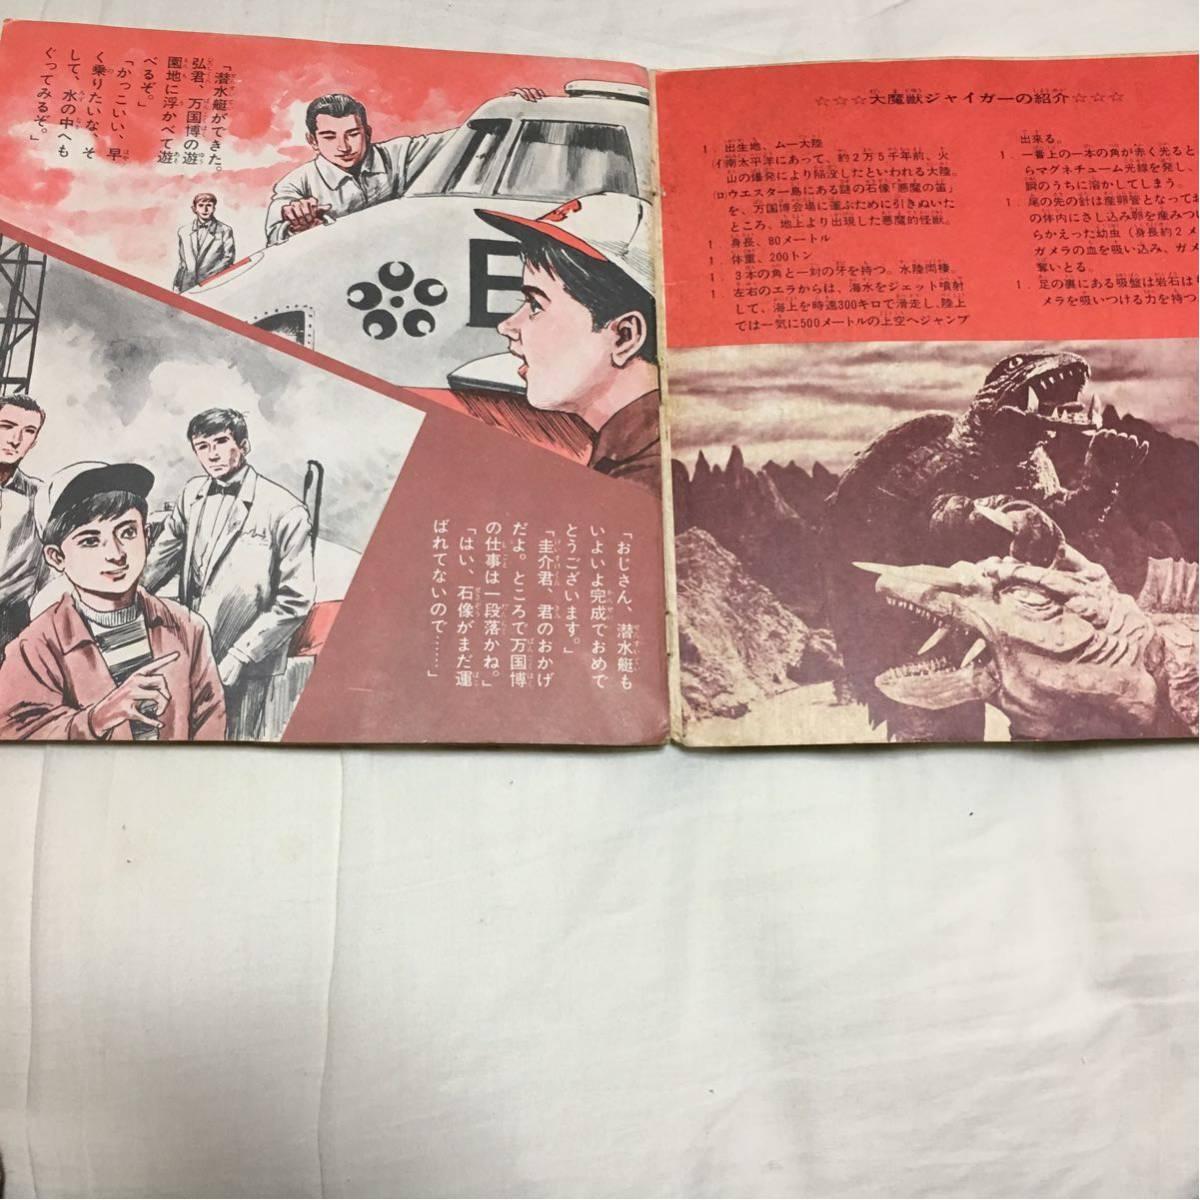 「大魔獣 ガメラ対ジャイガー」 朝日ソノラマ ソノシート_画像2